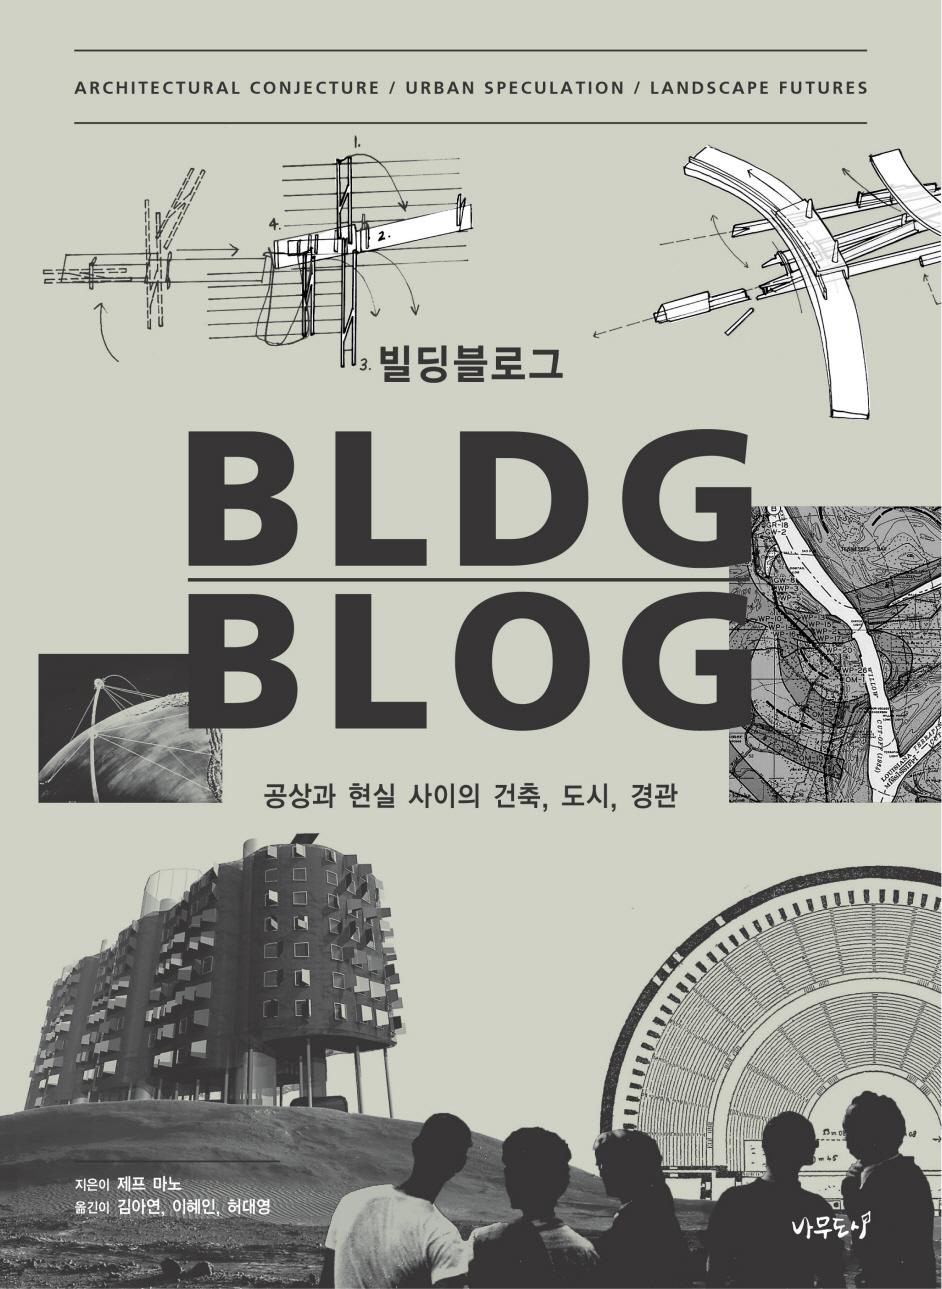 빌딩블로그  : 공상과 현실 사이의 건축, 도시, 경관   / BLDG BLOG